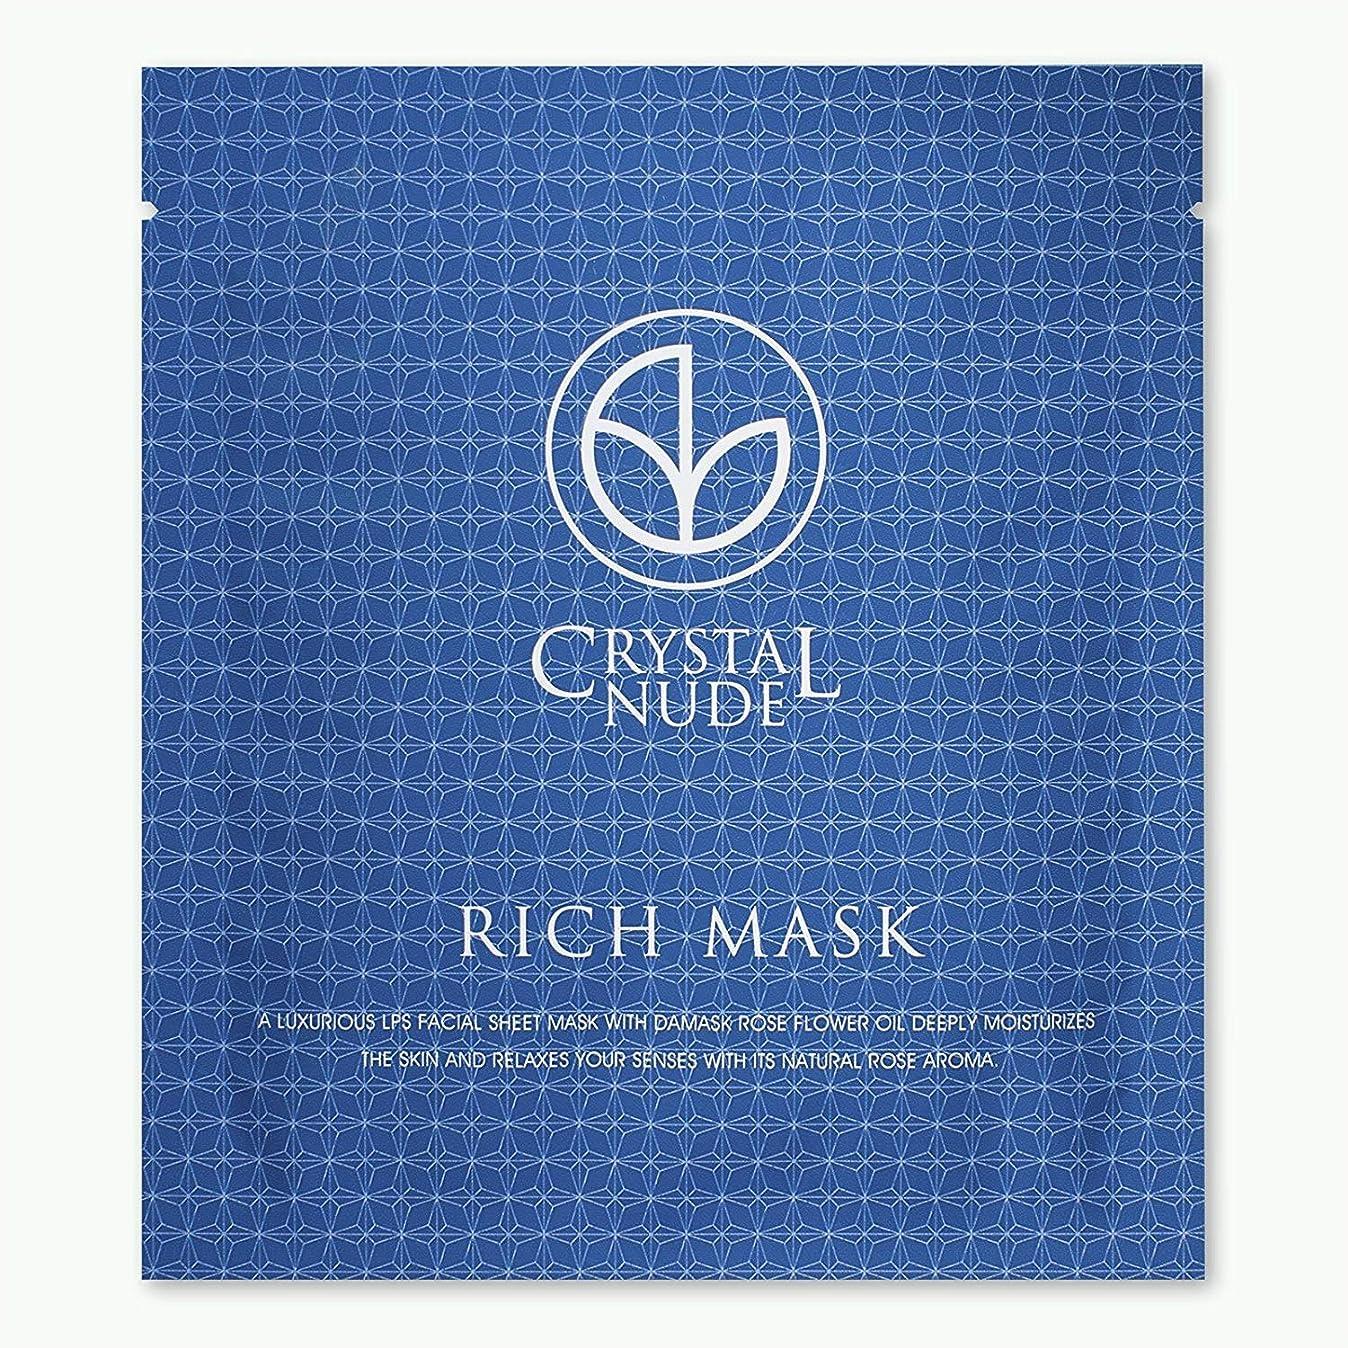 支給マングルカード【LPS配合】RICH MASK リッチマスク (1枚)